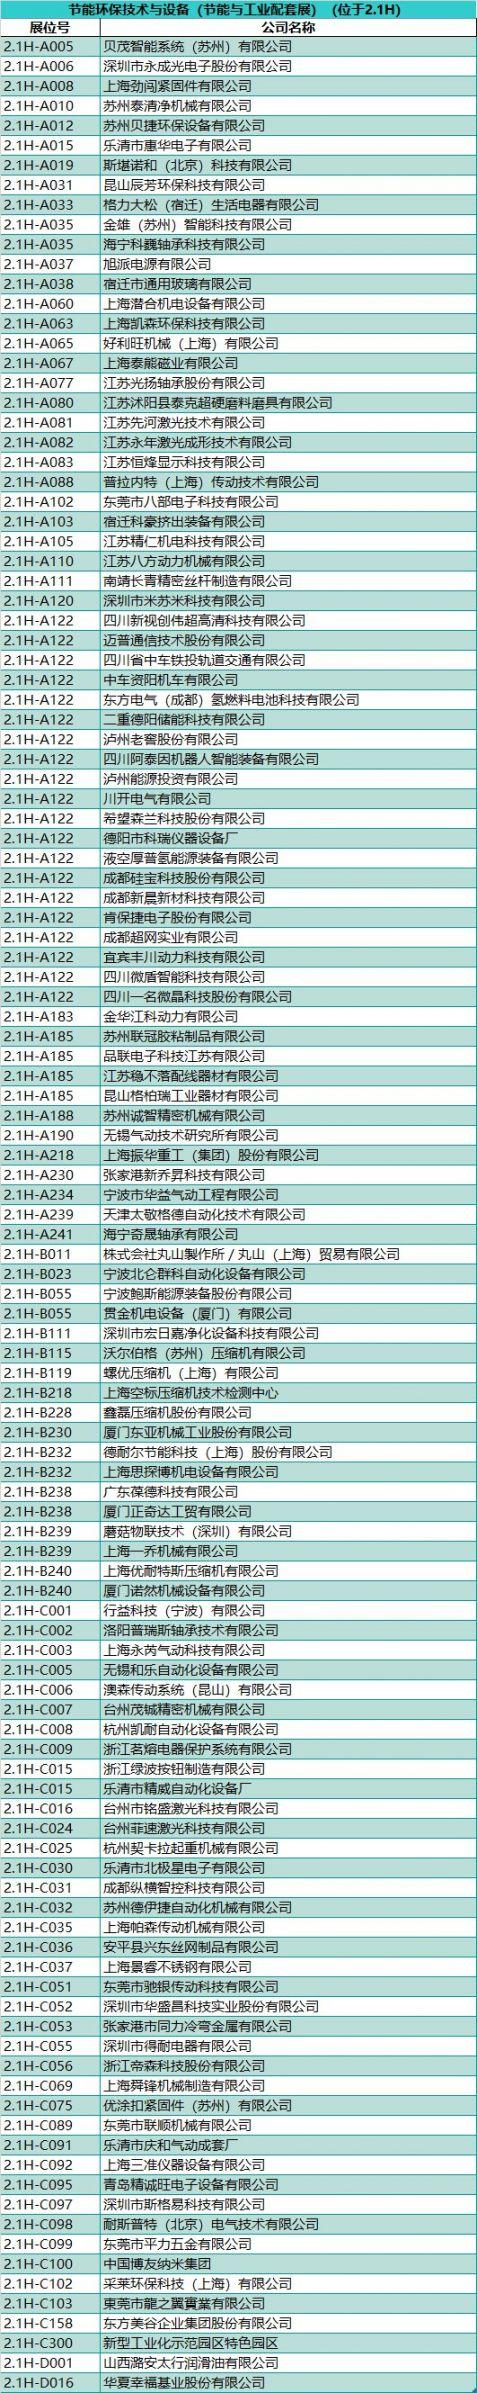 2020新葡新京工博会展商名录 (完整版)